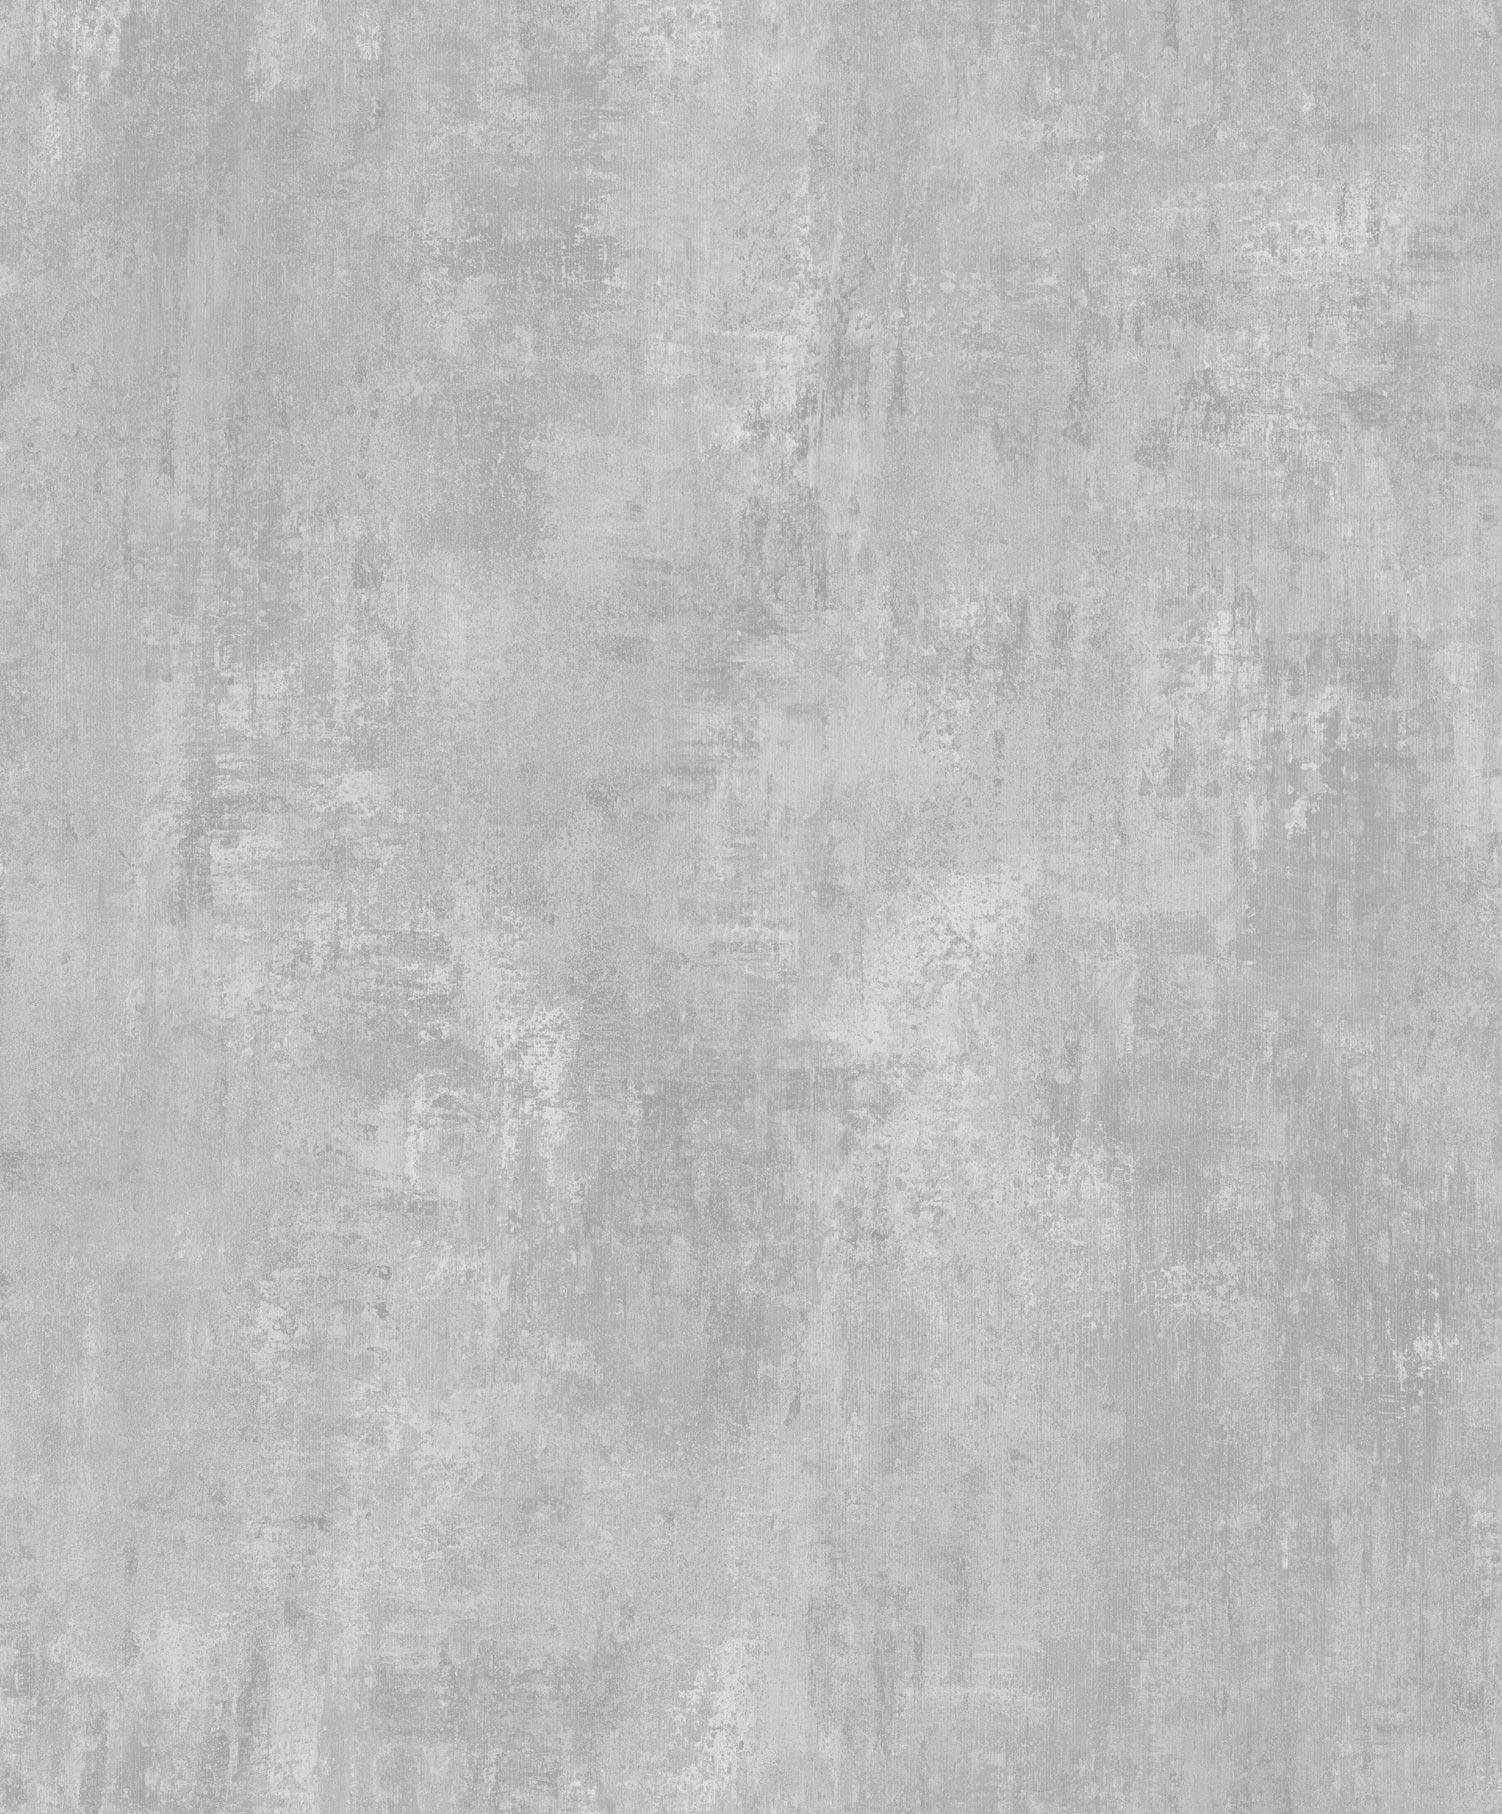 Обои Ugepa Couleurs j74309 (Угепа)